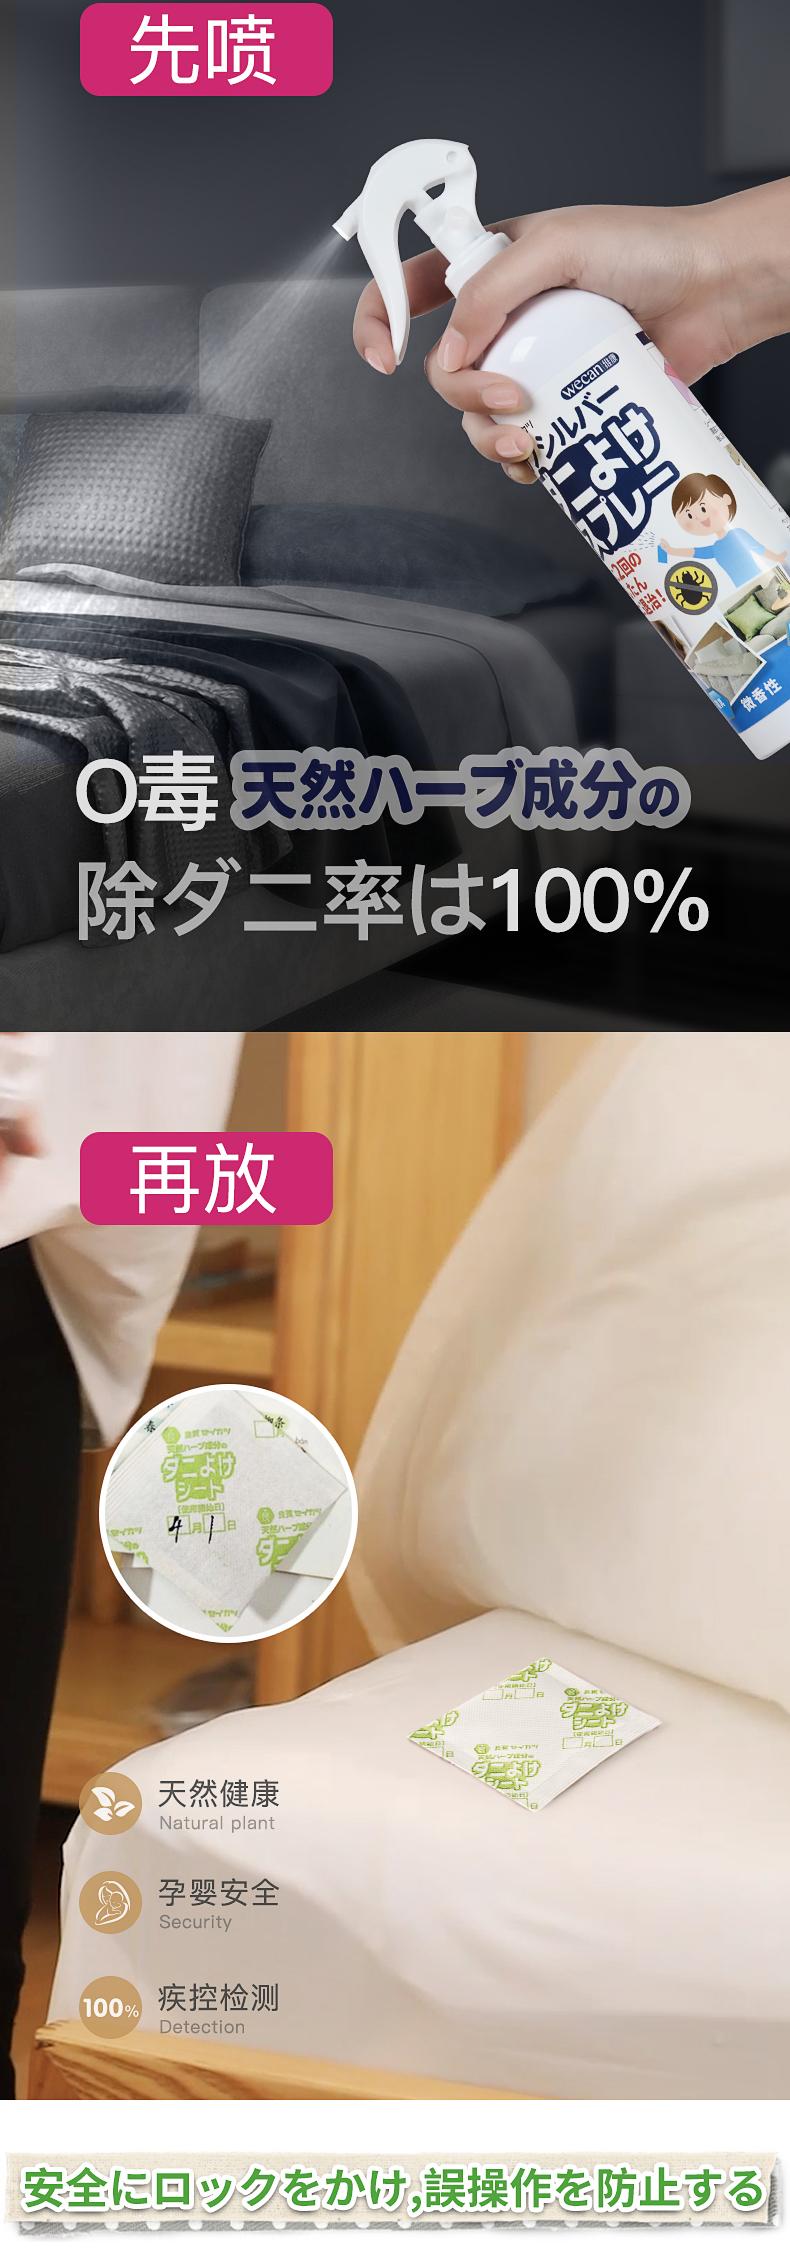 日本除螨喷雾剂床上免洗除螨神器家用除螨包去螨虫贴宠物螨虫剋星详细照片